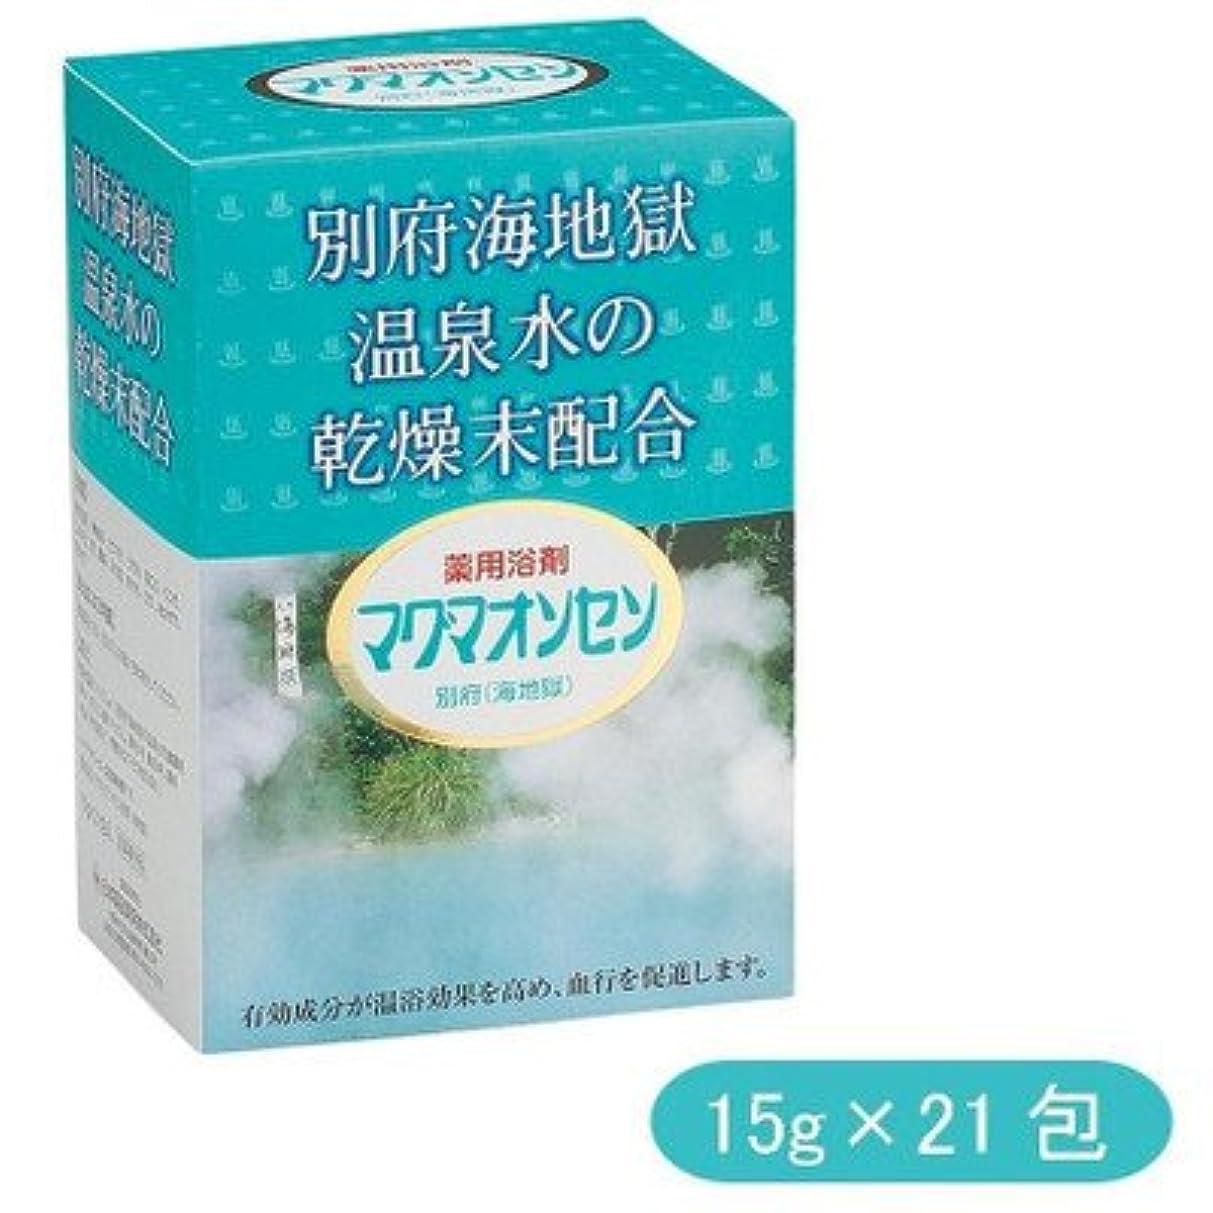 すずめシャットリラックス日本薬品開発 医薬部外品 薬用入浴剤 マグマオンセン 15g×21P 800770